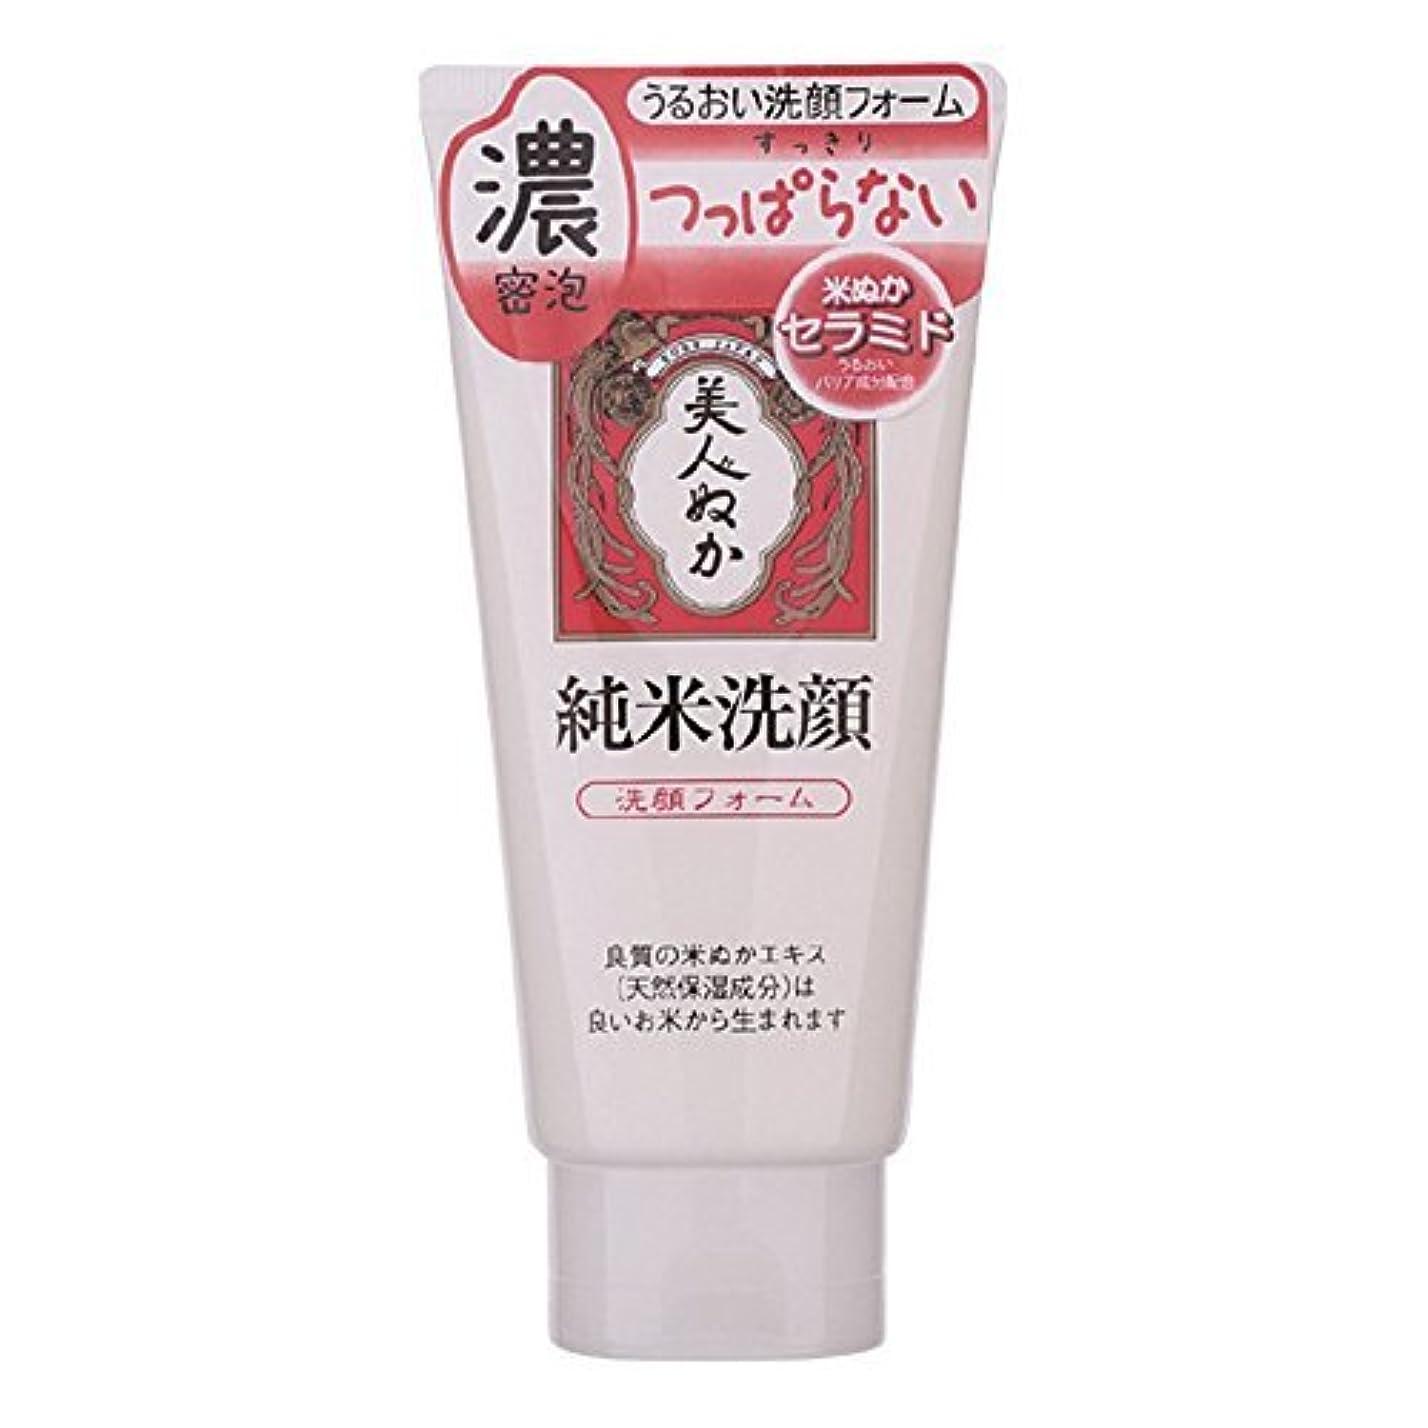 根拠値下げ乳リアル 美人ぬか 洗顔フォーム 135G (純米スキンケア洗顔?米ぬかうるおい洗顔フォーム)×24点セット (4903432710300)